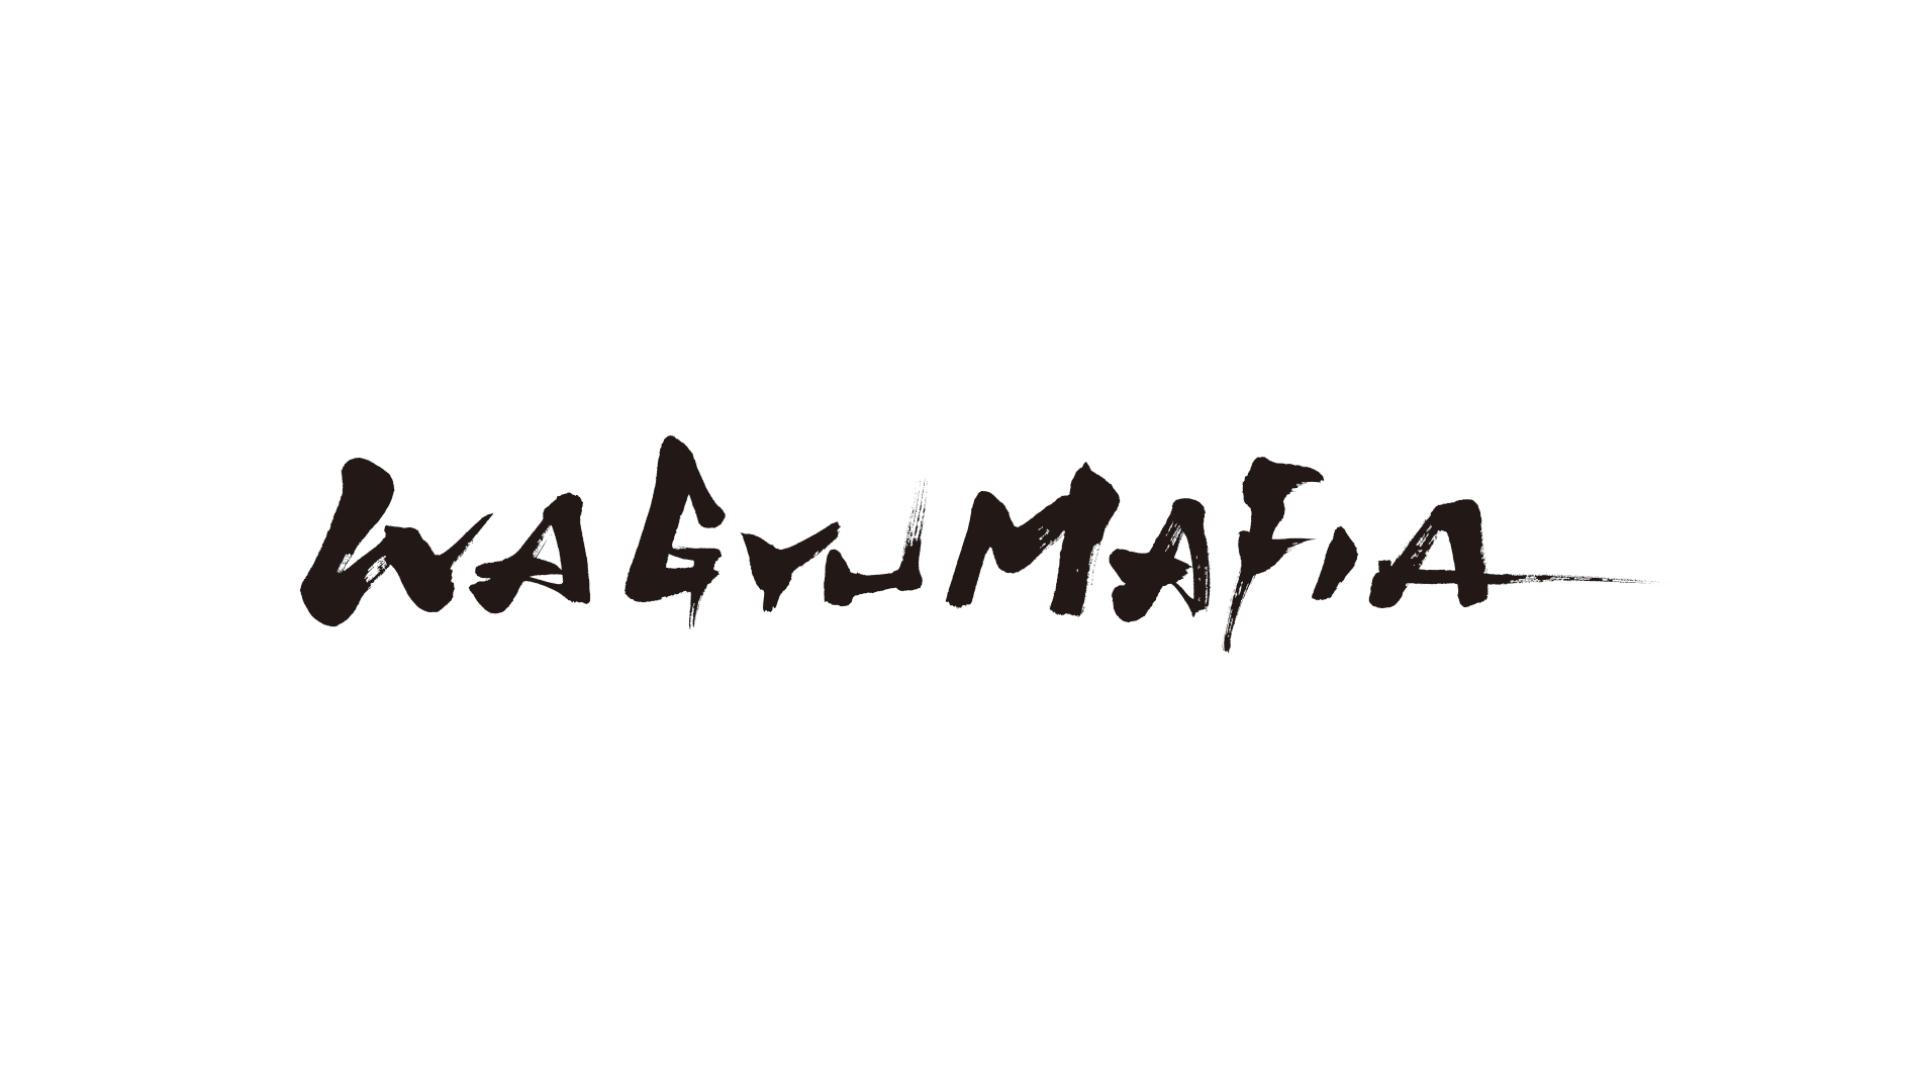 WAGYUMAFIA